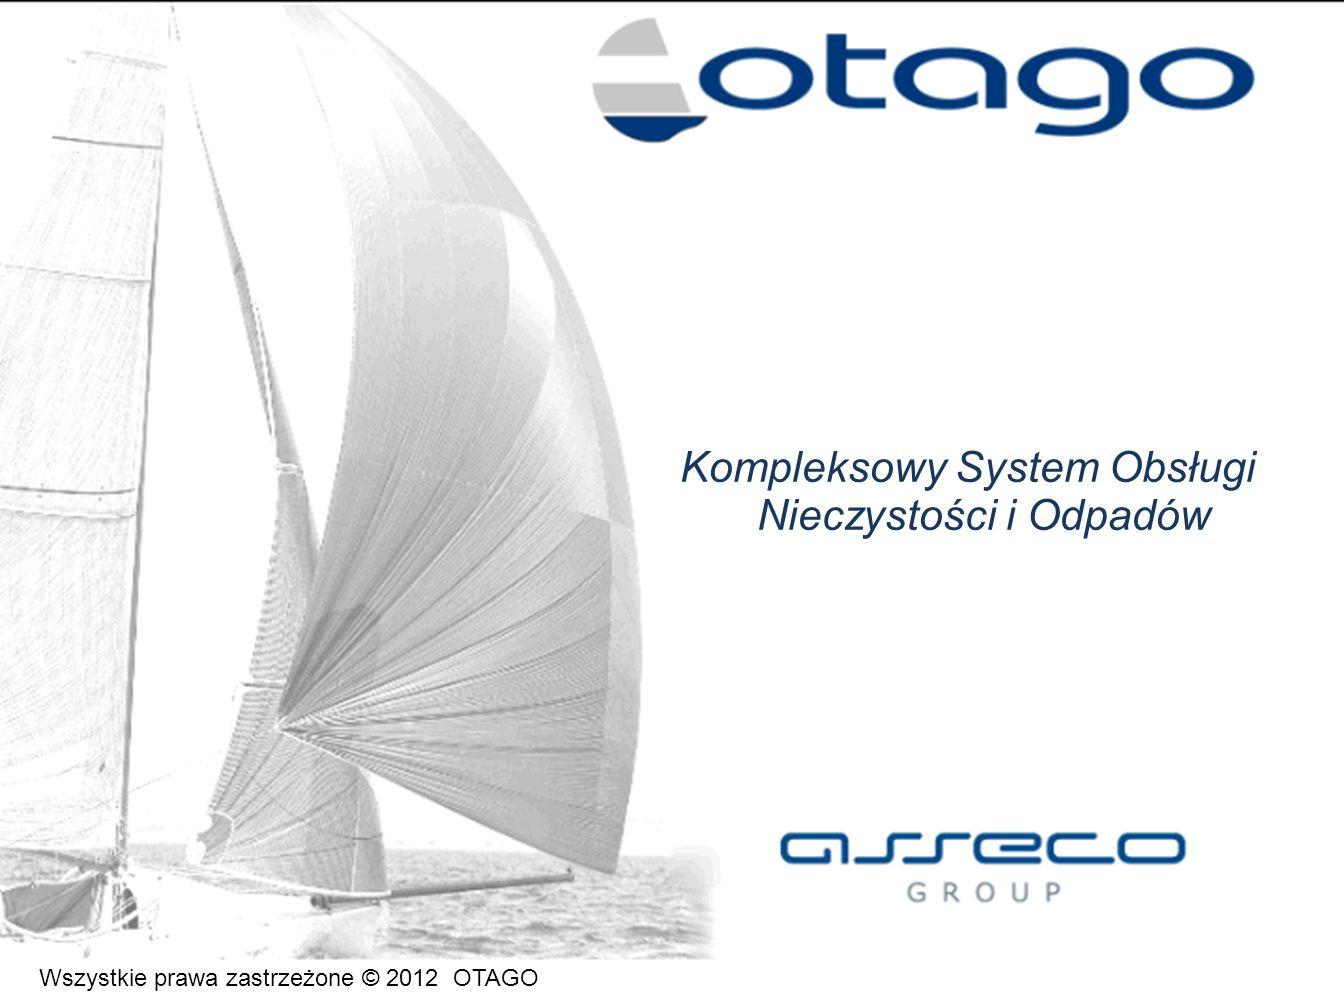 Kompleksowy System Obsługi Nieczystości i Odpadów Wszystkie prawa zastrzeżone © 2012 OTAGO